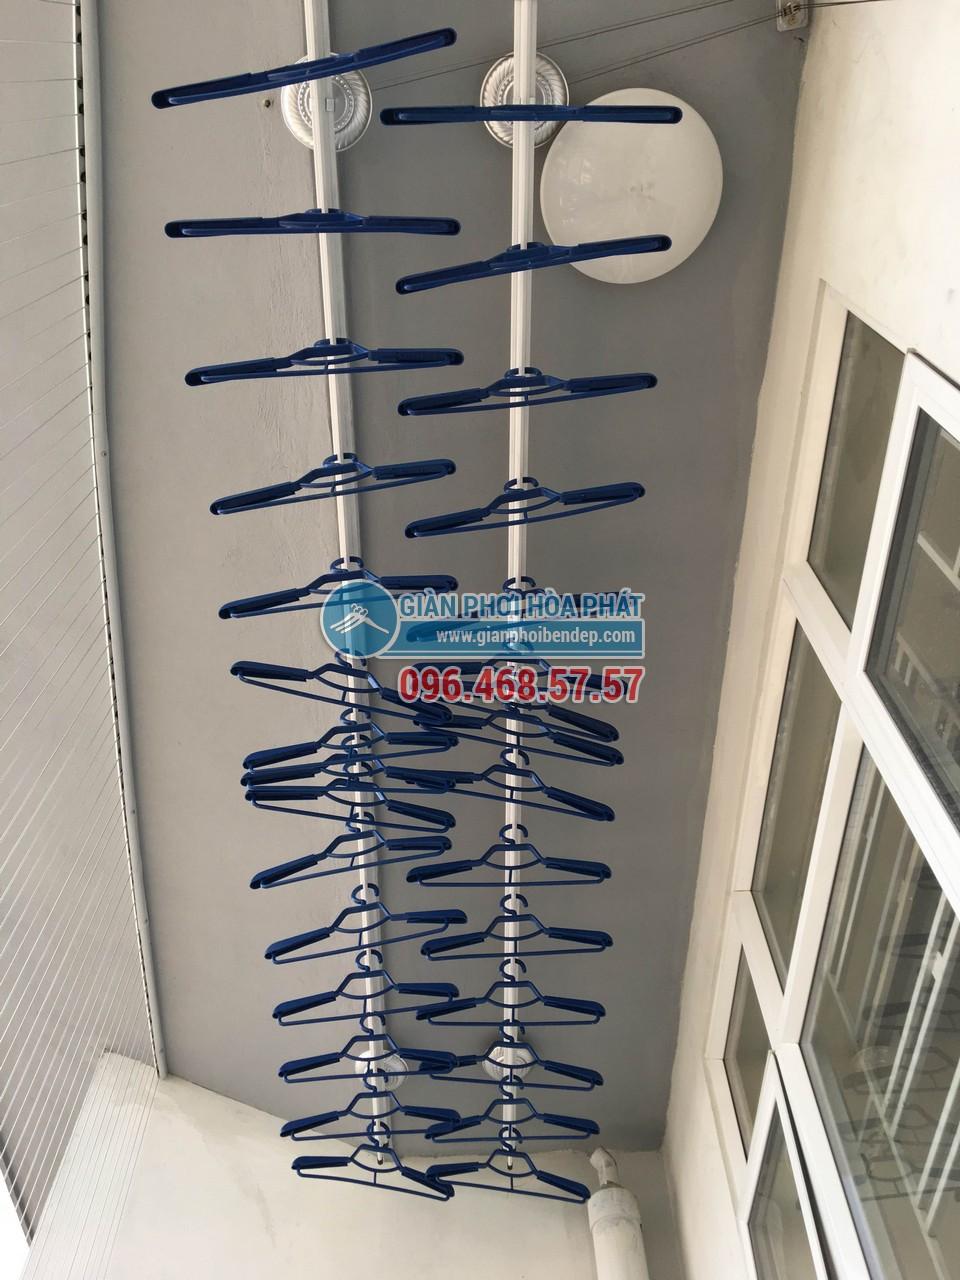 Kỹ thuật lắp đặt giàn phơi thông minh Hòa Phát ở trần bê tông - 02